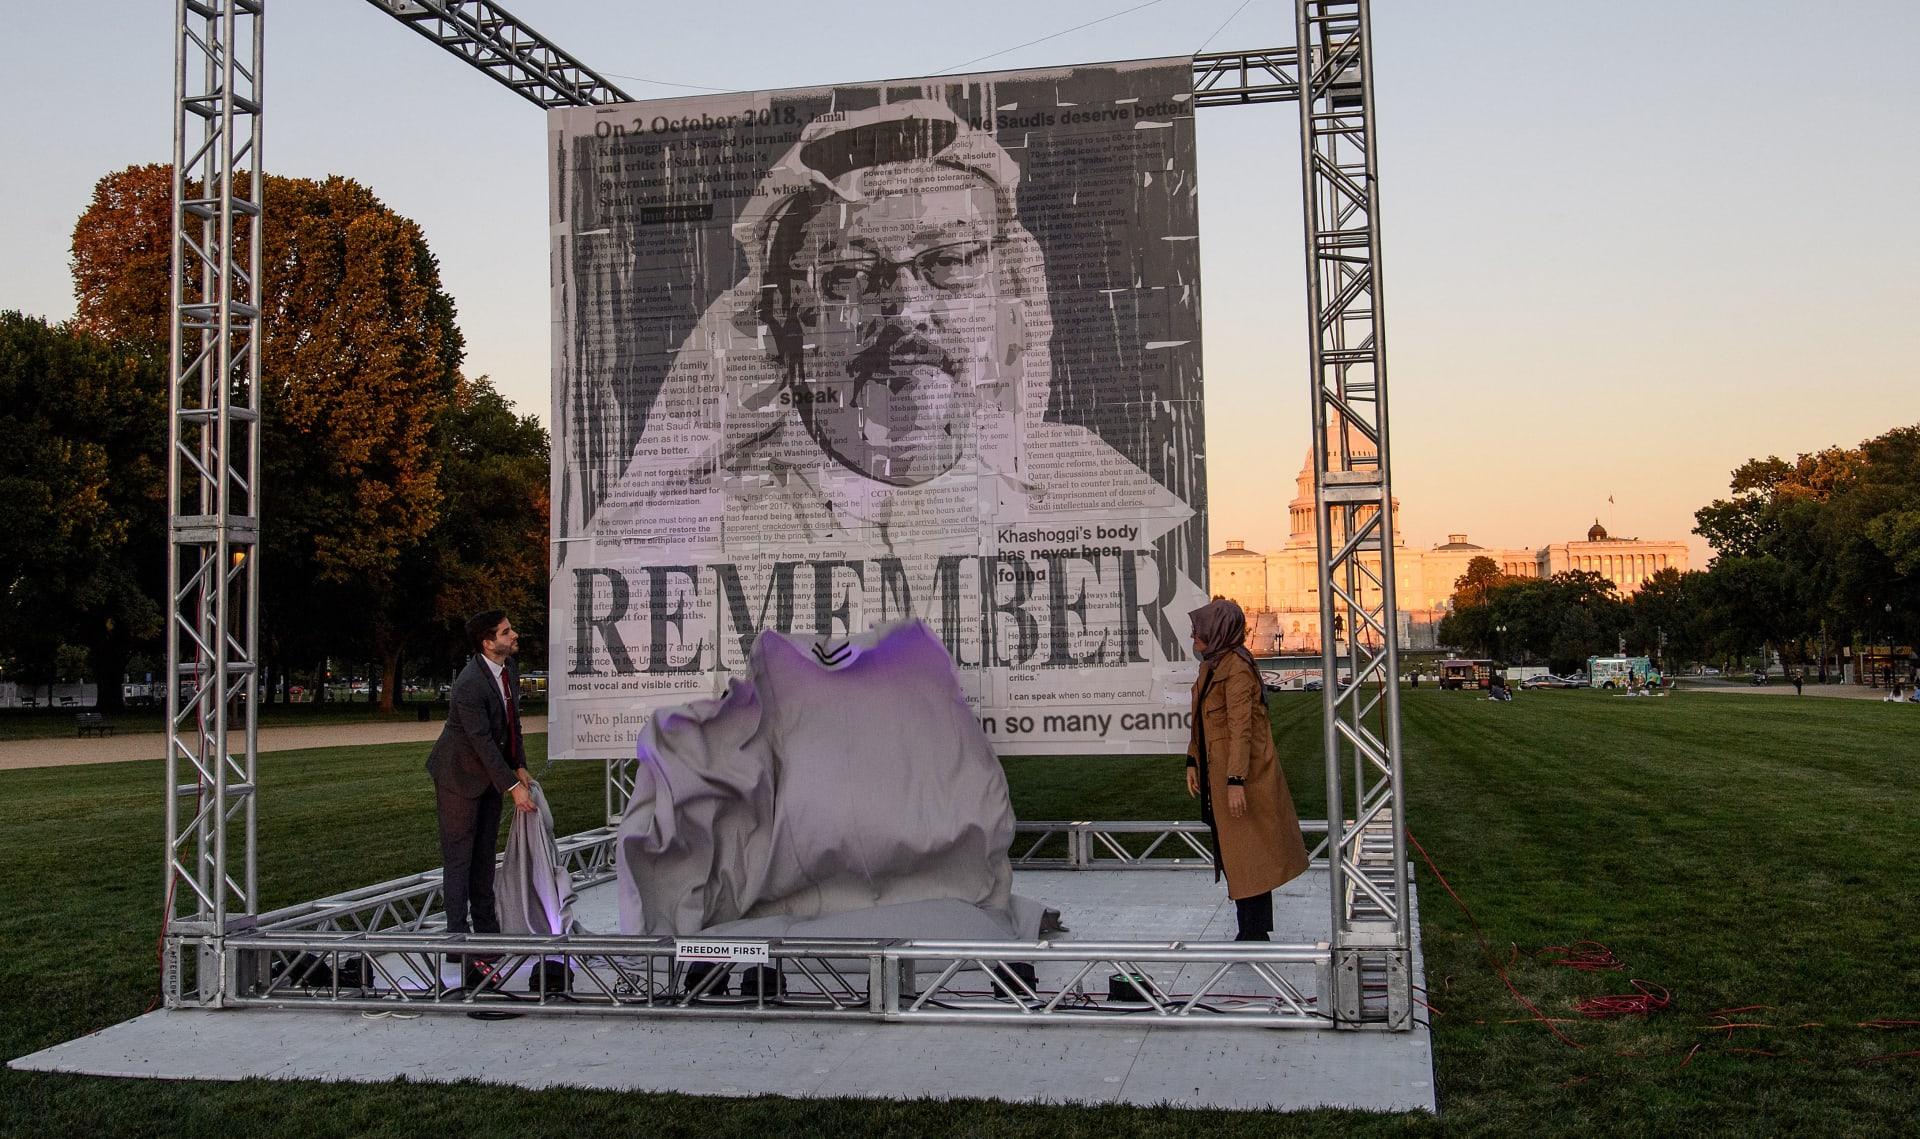 ذكرى مقتل خاشقجي.. وقفة احتجاجية أمام سفارة السعودية بواشنطن ومبنى الكونغرس